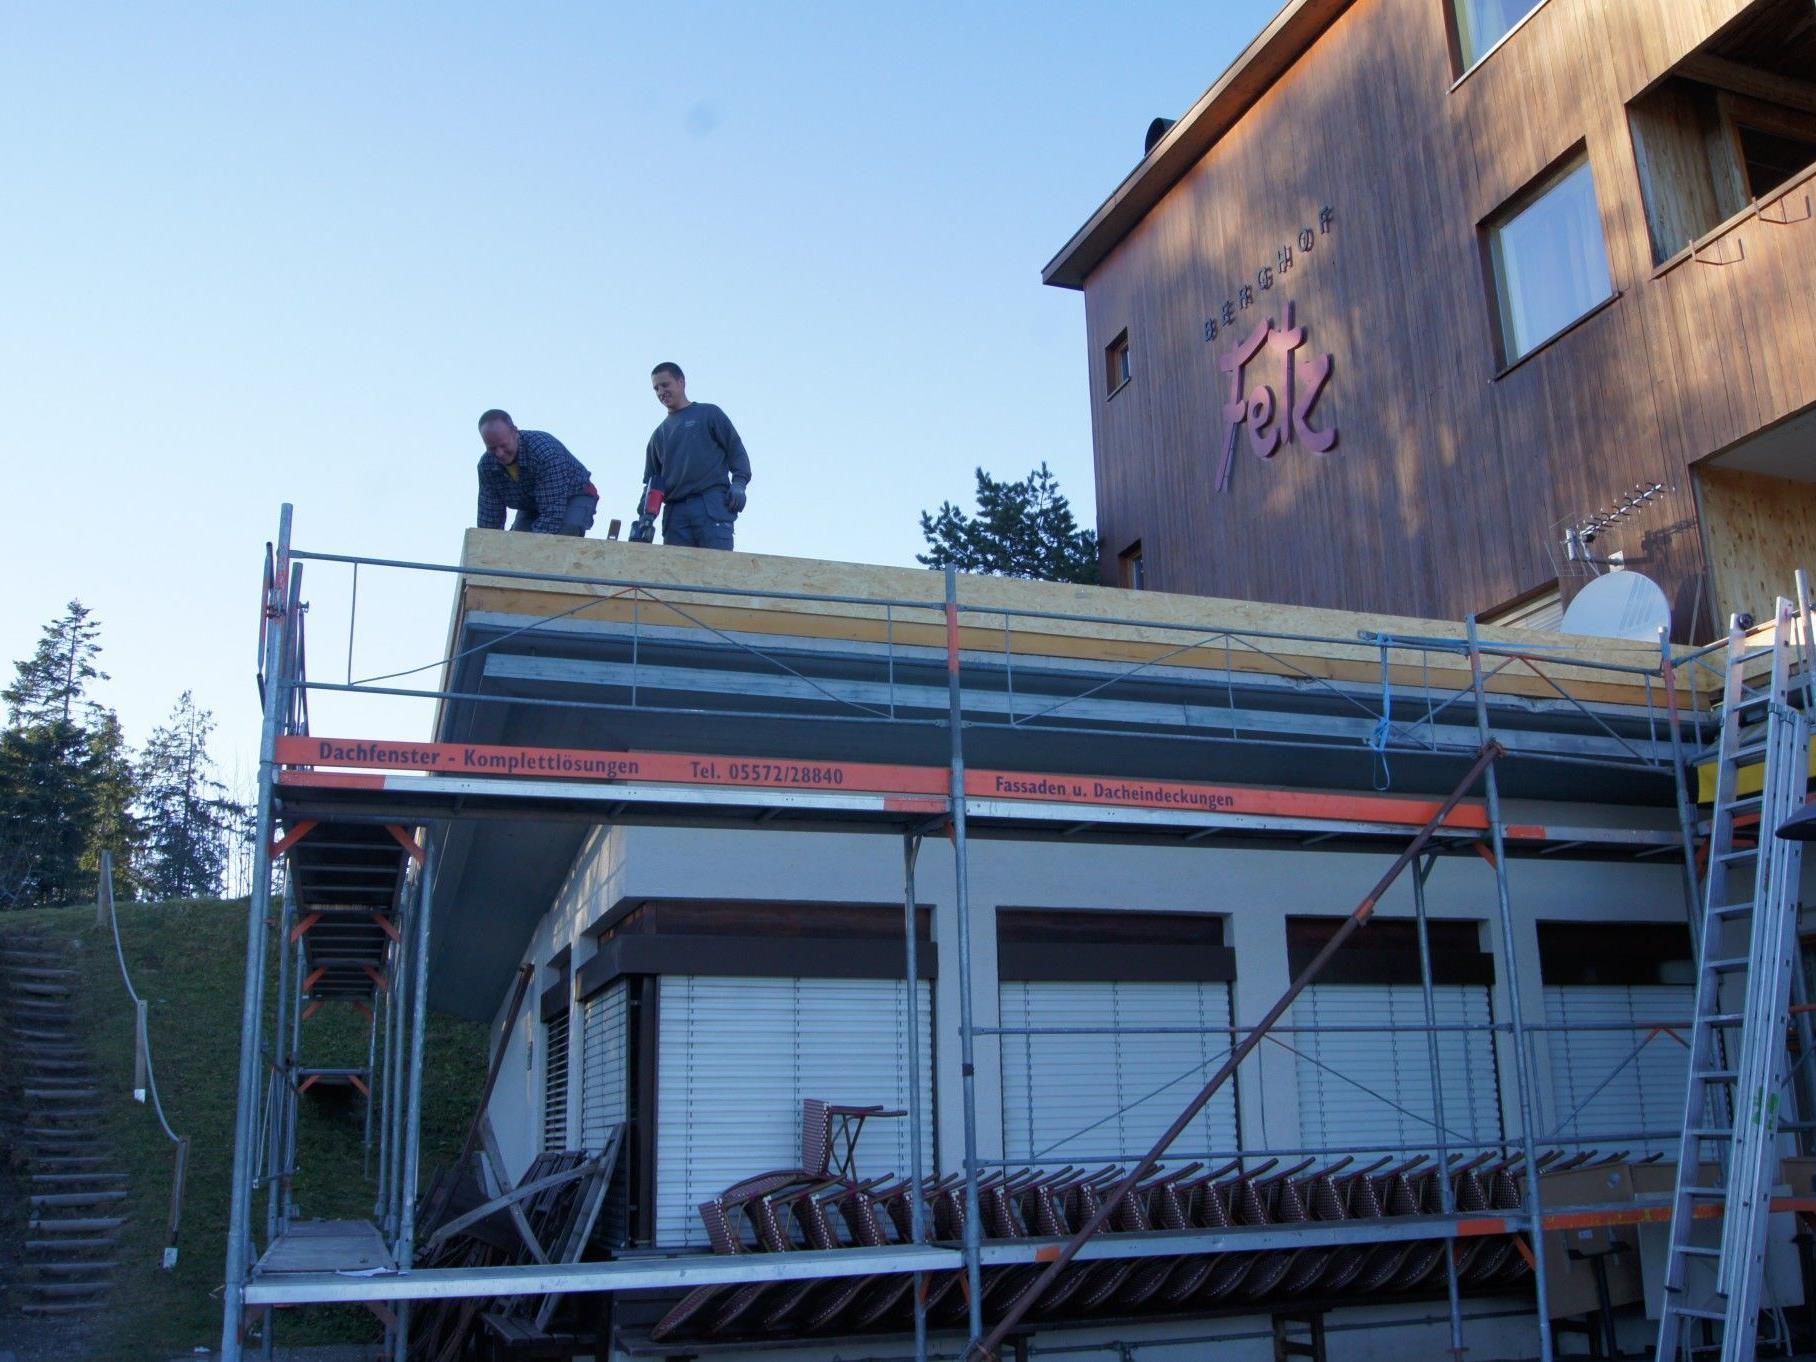 Beim Berghof Fetz am Bödele wird das Flachdach komplett erneuert.